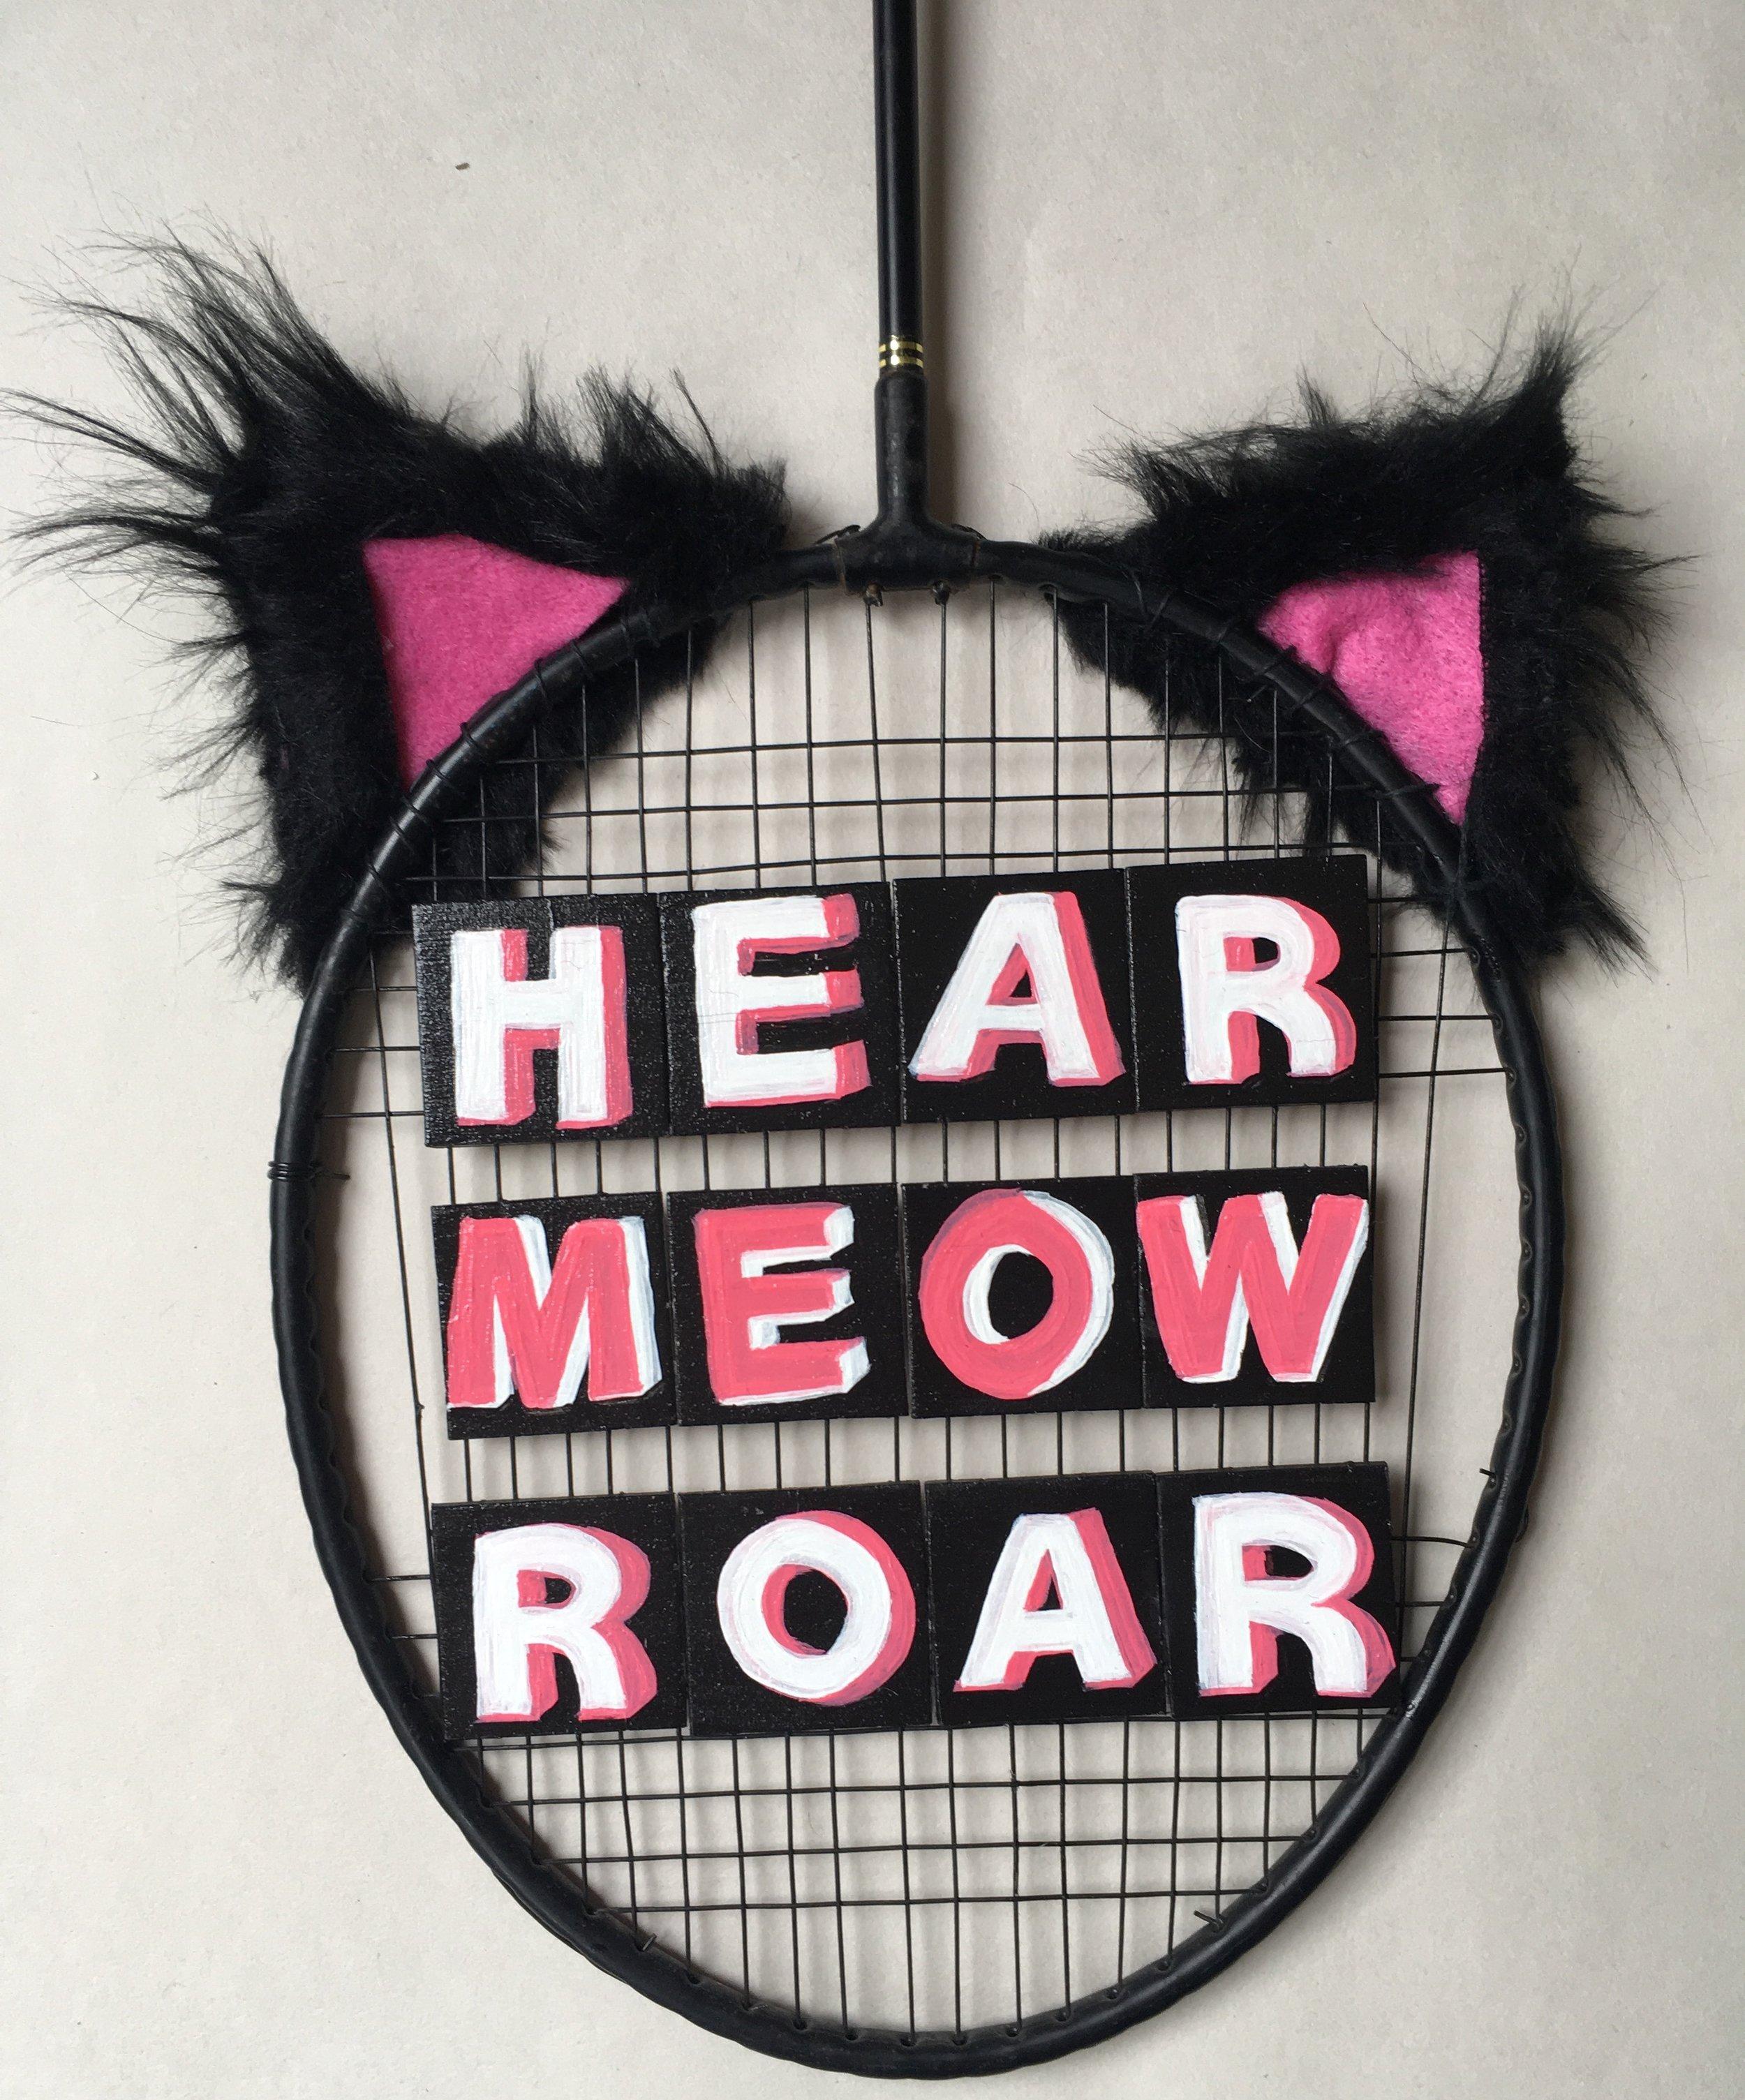 Hear Meow Roar